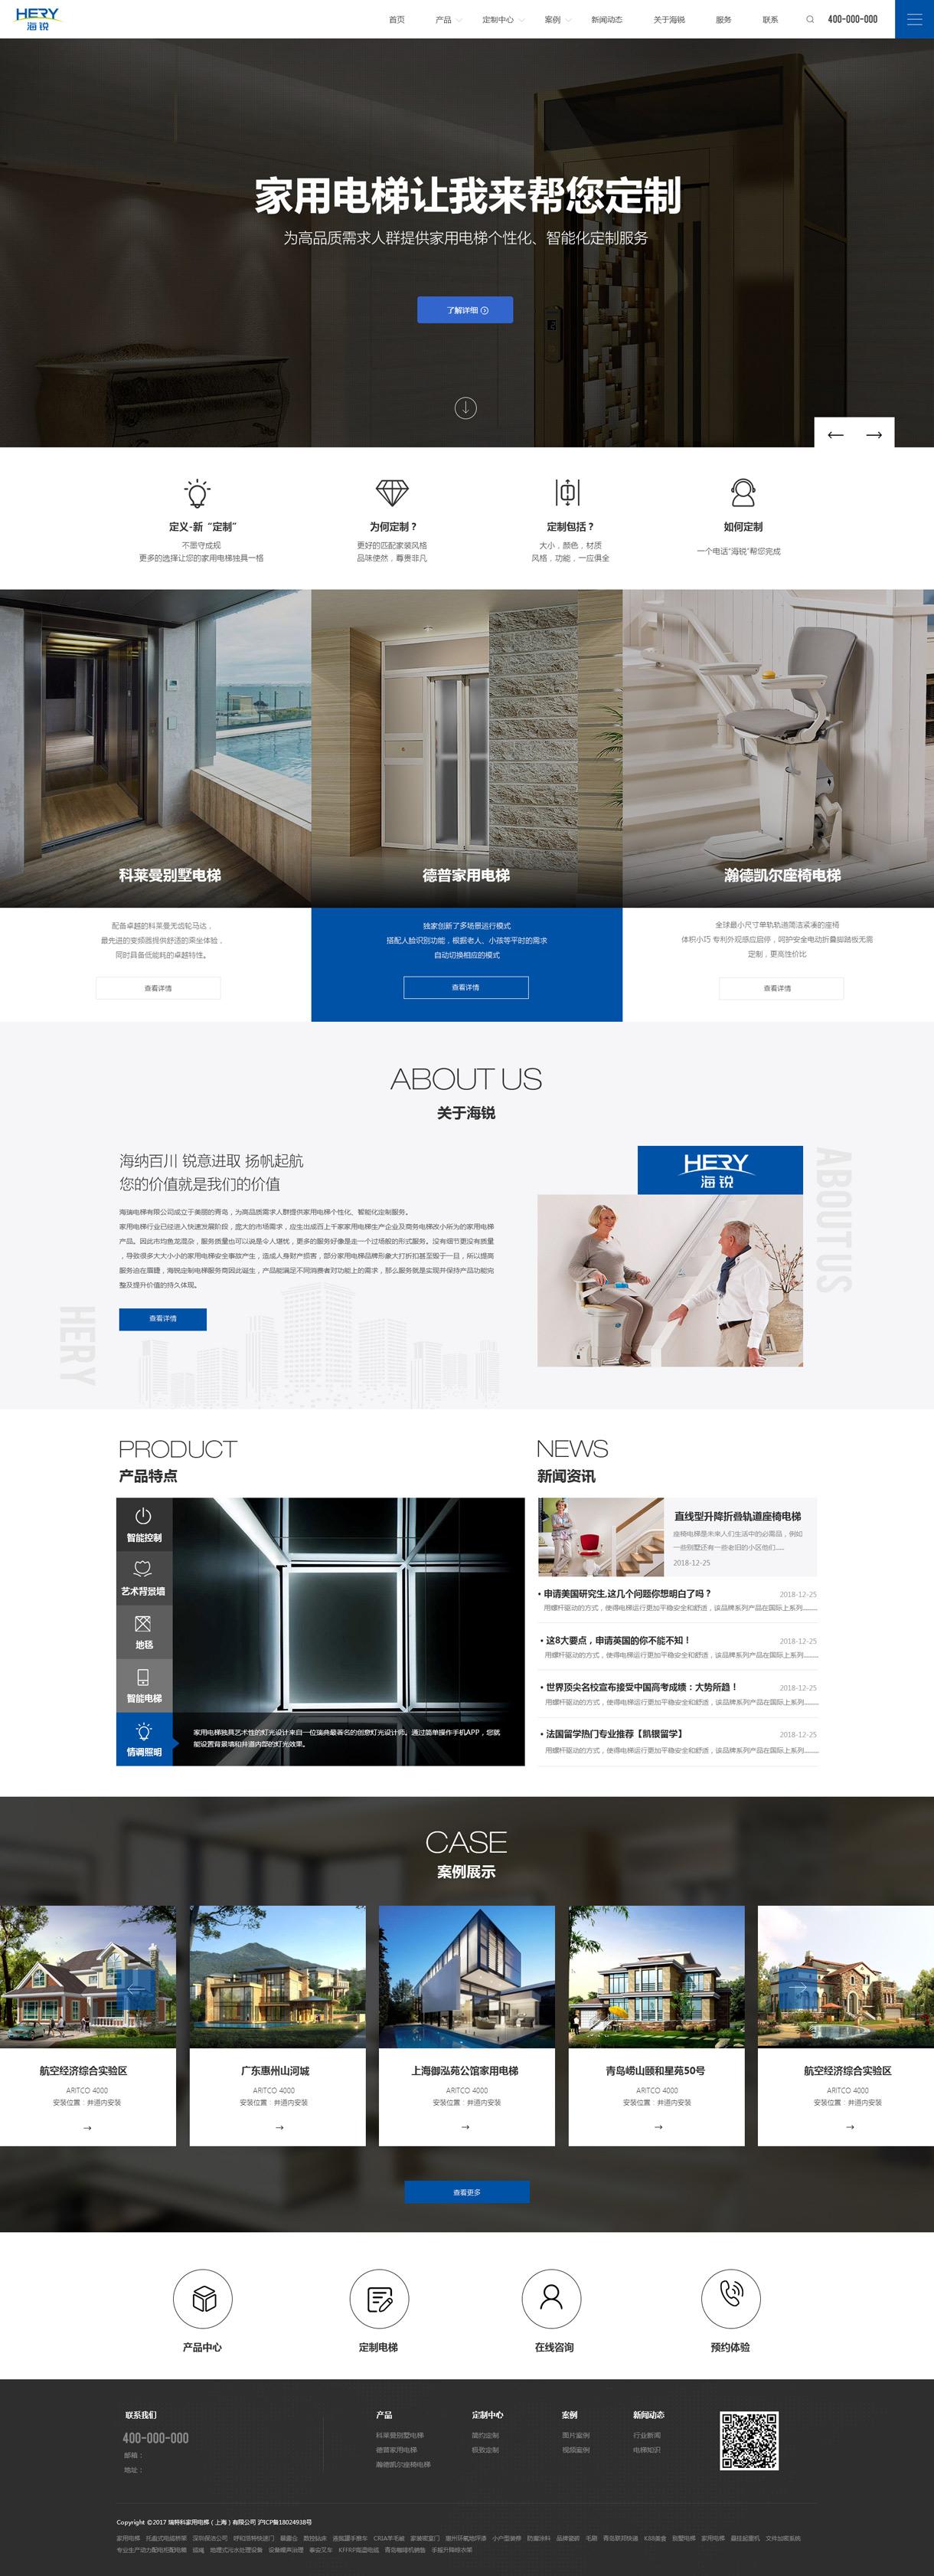 网站建设,百度SEO优化排名